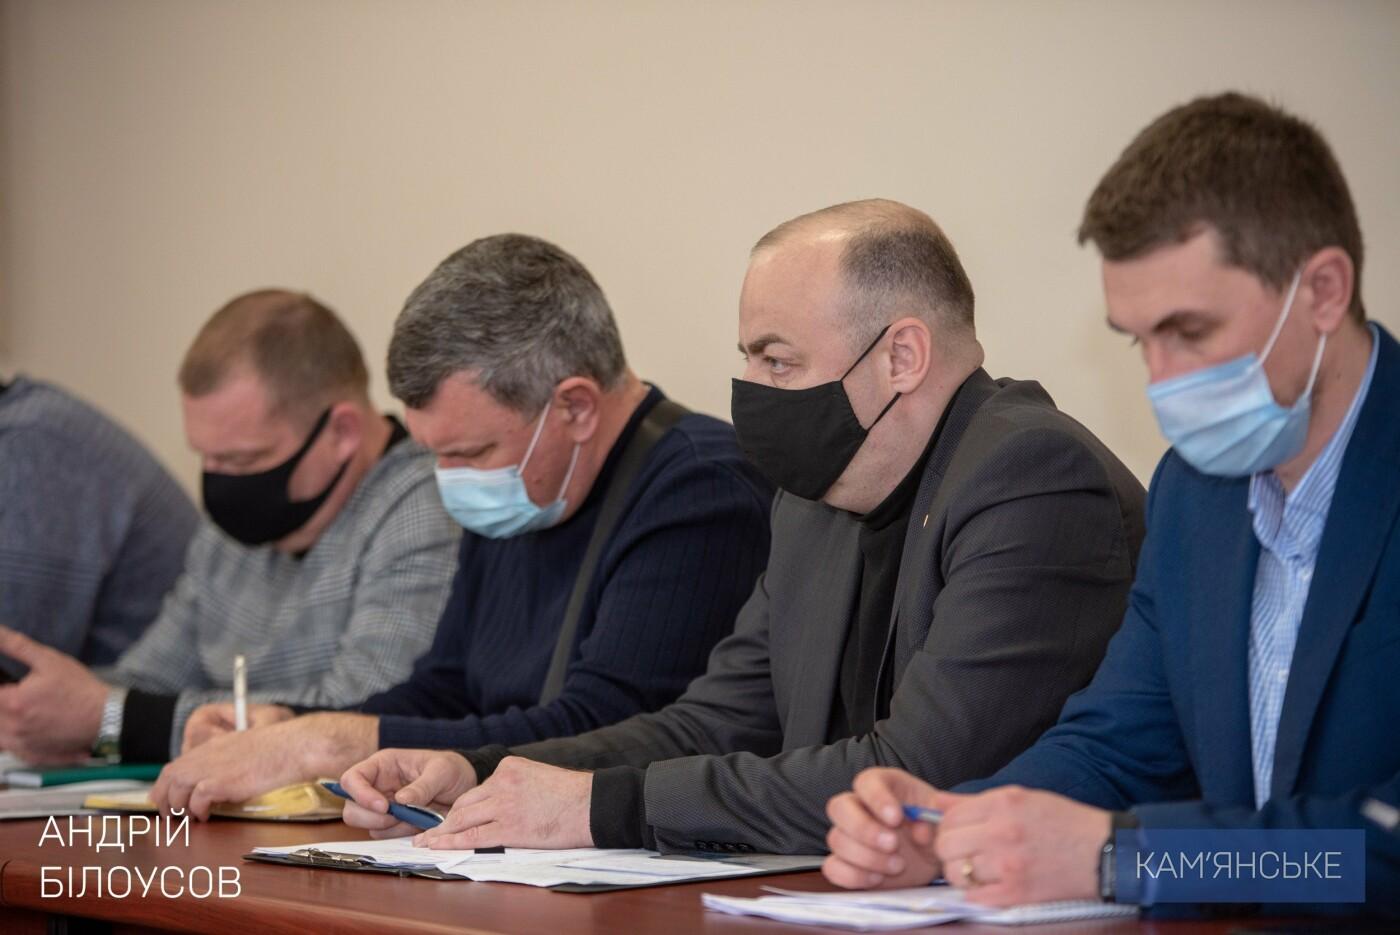 В Каменском прошло совещание по вопросам подведения итогов прошлого отопительного сезона и составлению планов работ на будущий год, фото-1